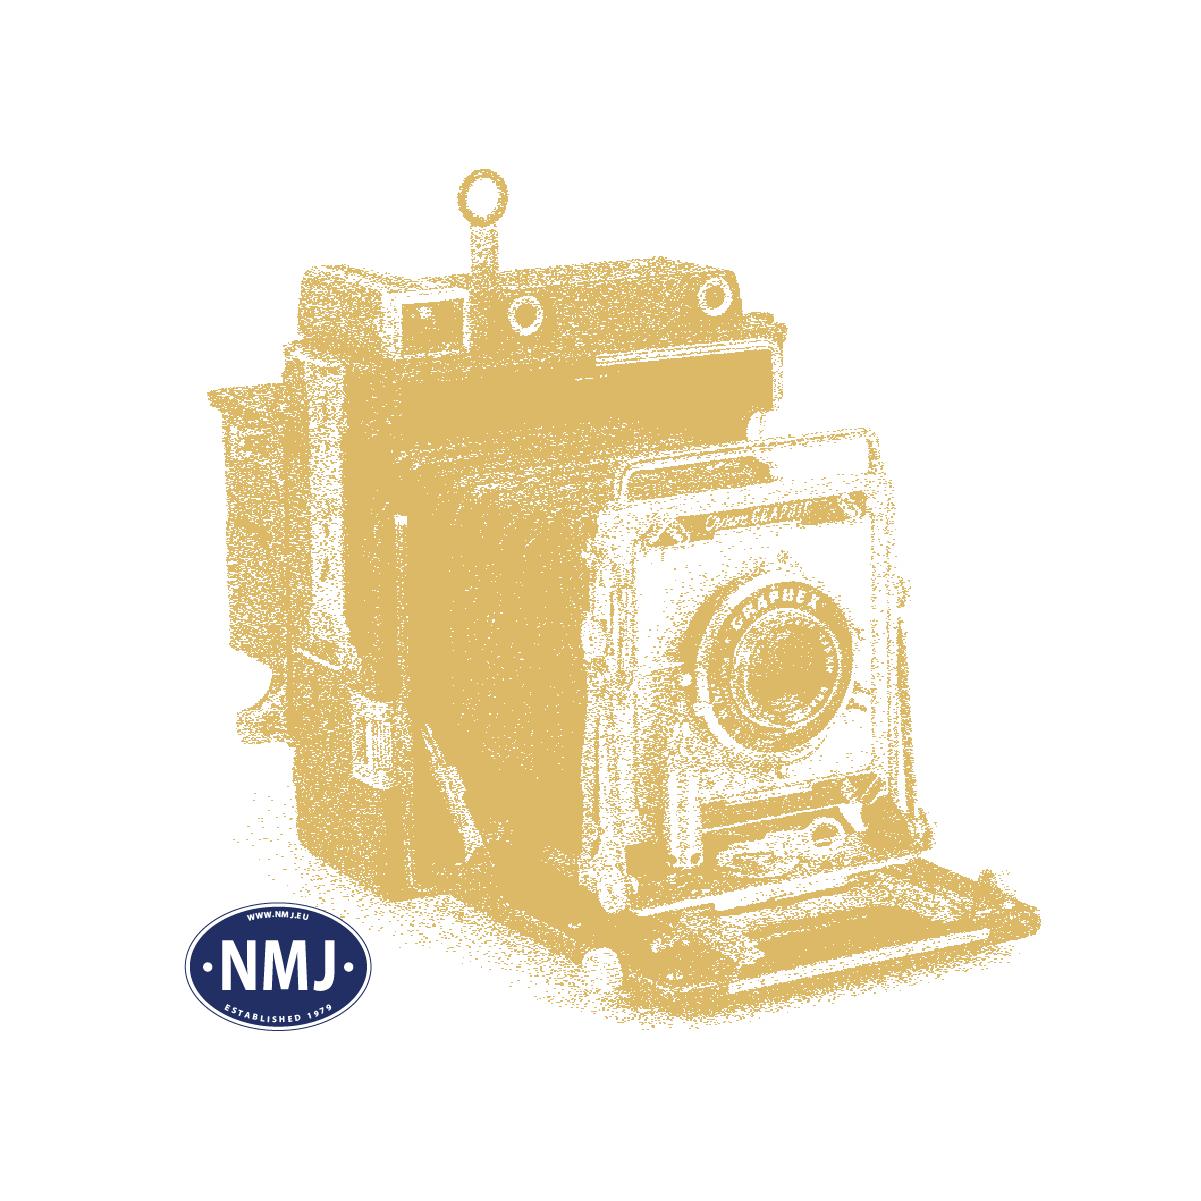 NMJT131.201 - NMJ Topline NSB B3-2 type 3 25514, Mellomdesign